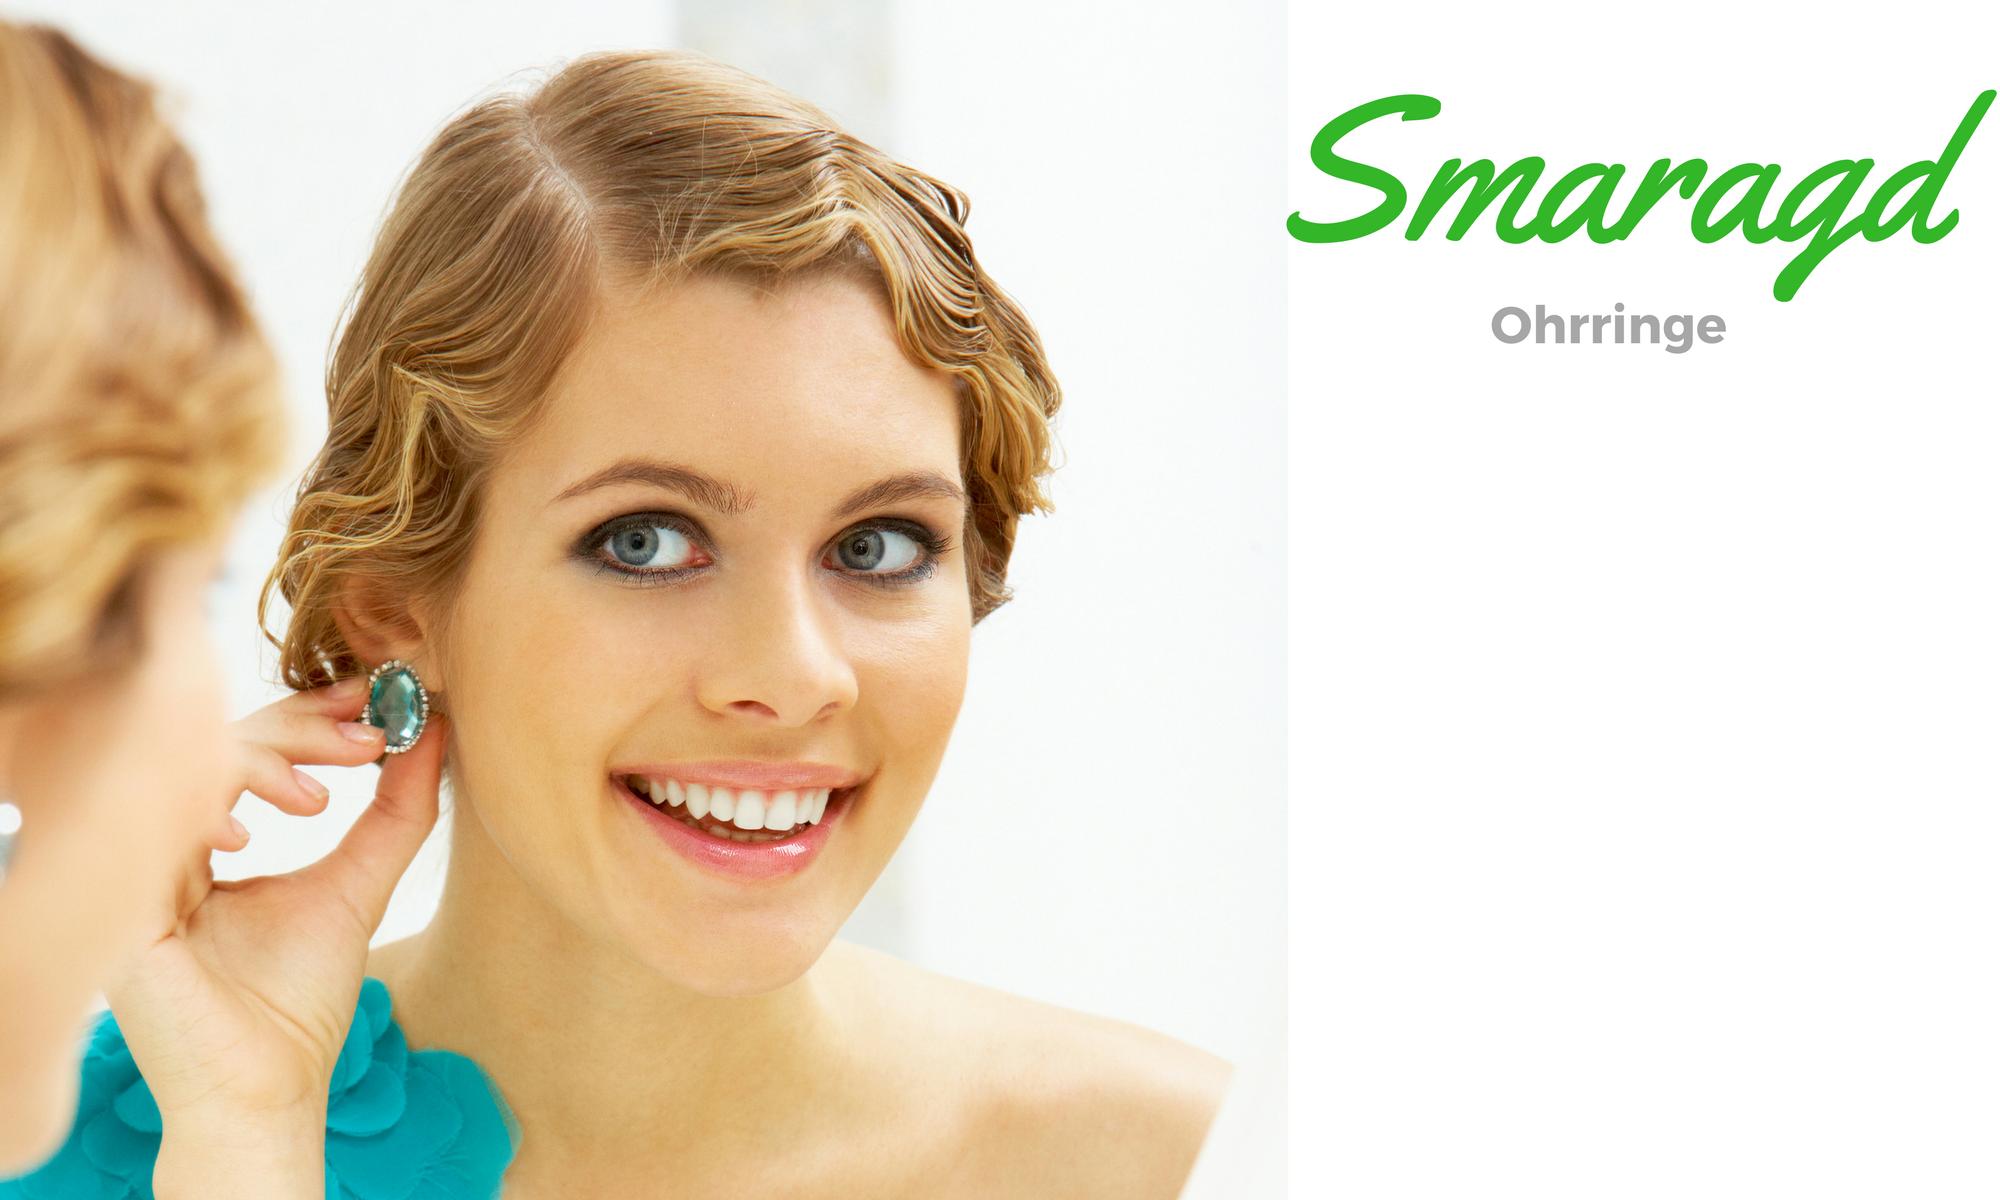 Smaragd-Ohrringe-Titelbild